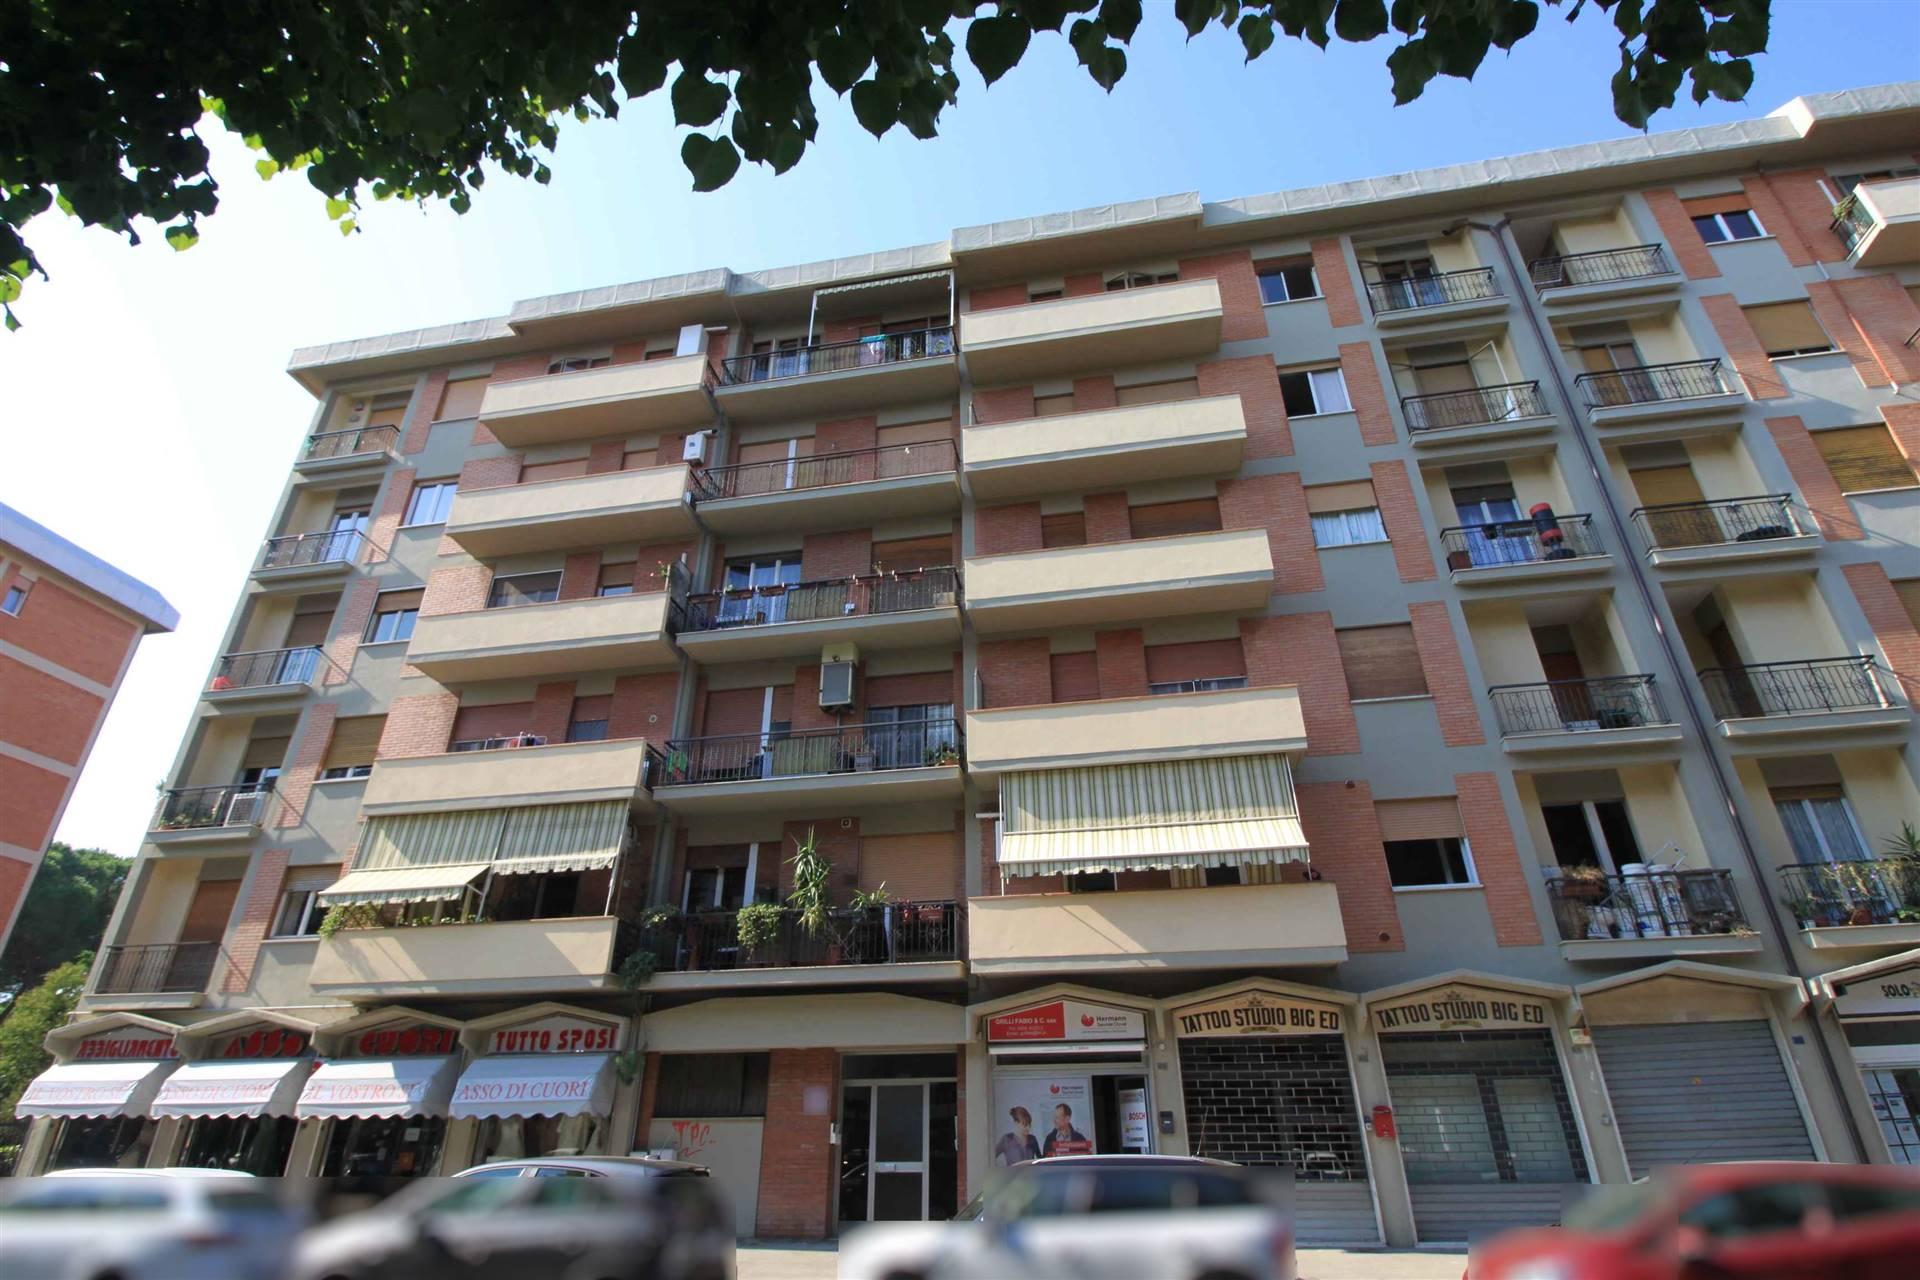 CENTRALE - ZONA TRIBUNALE - Via Liri 37 In posizione centralissima vicina a tutti i servizi, prestigioso appartamento grande metratura ristrutturato